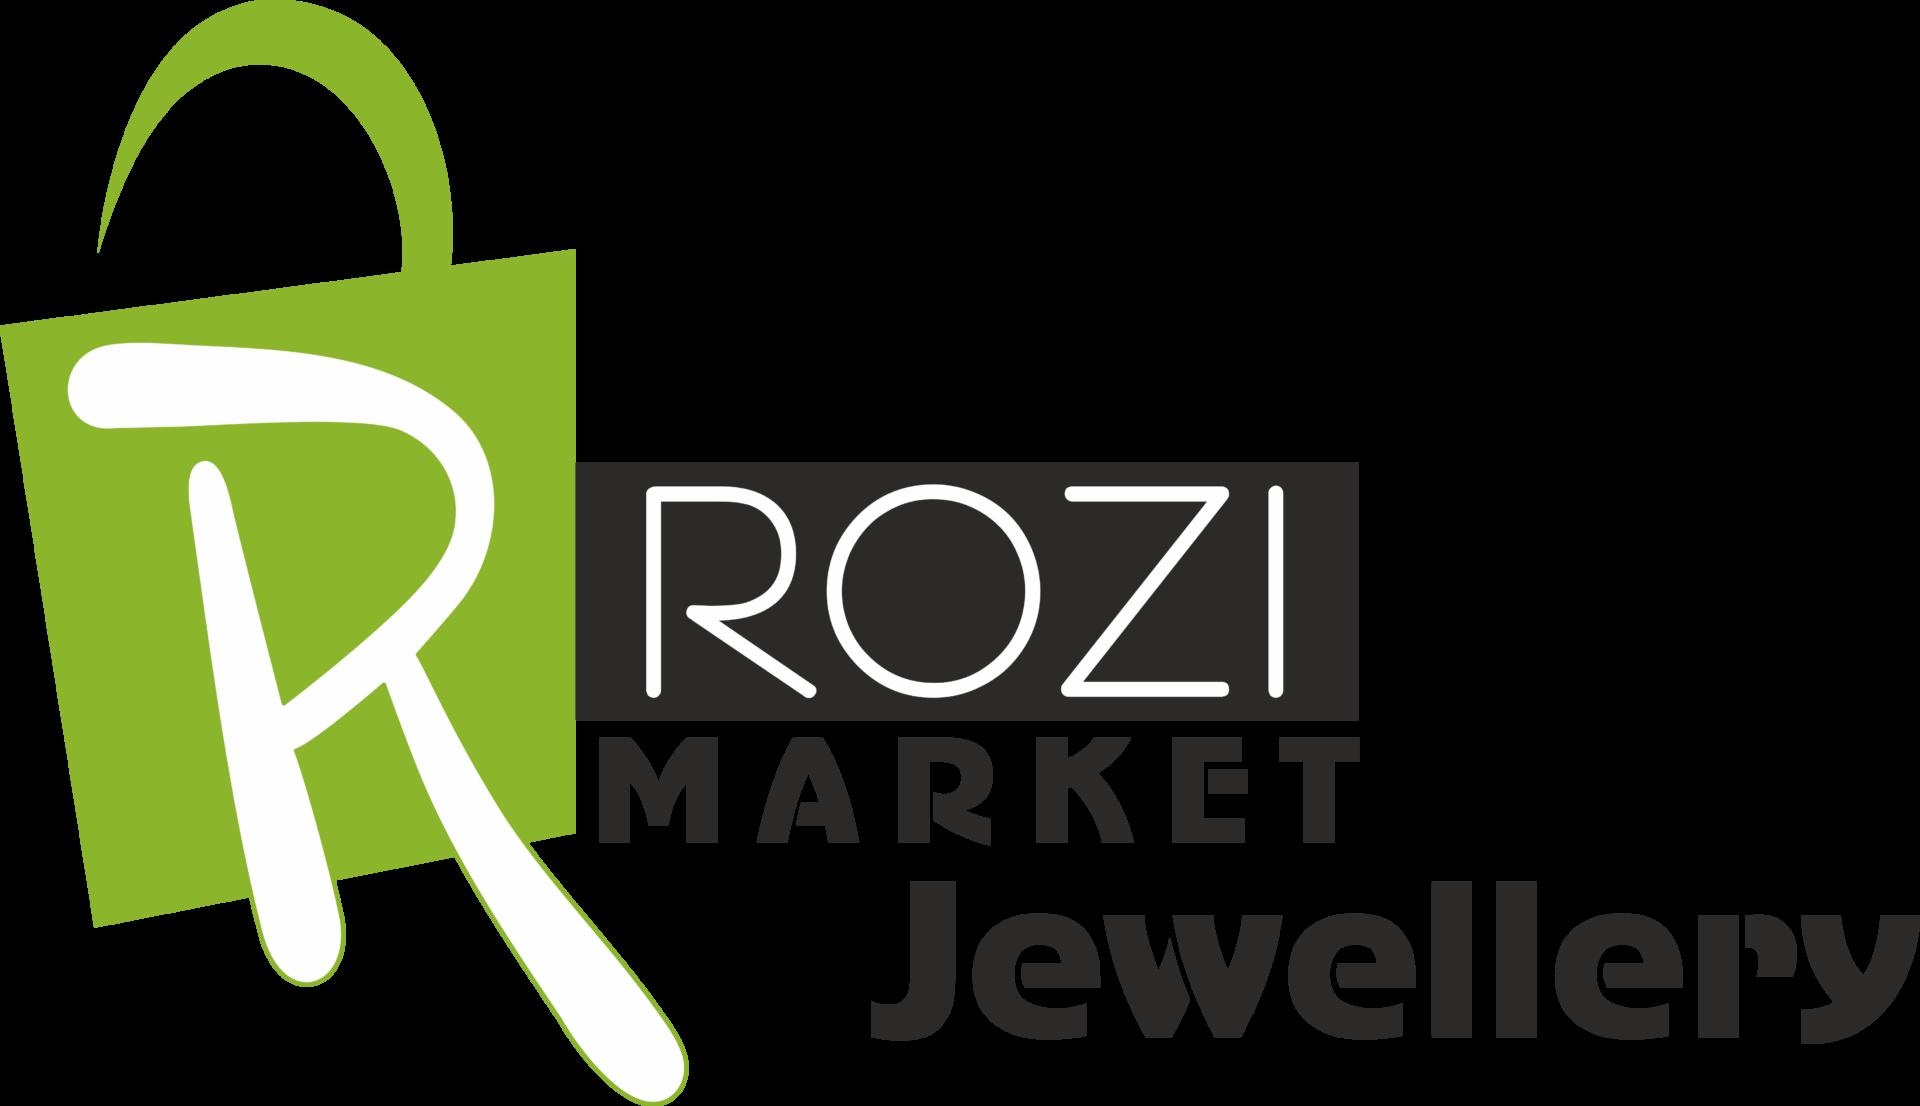 RoziMarket